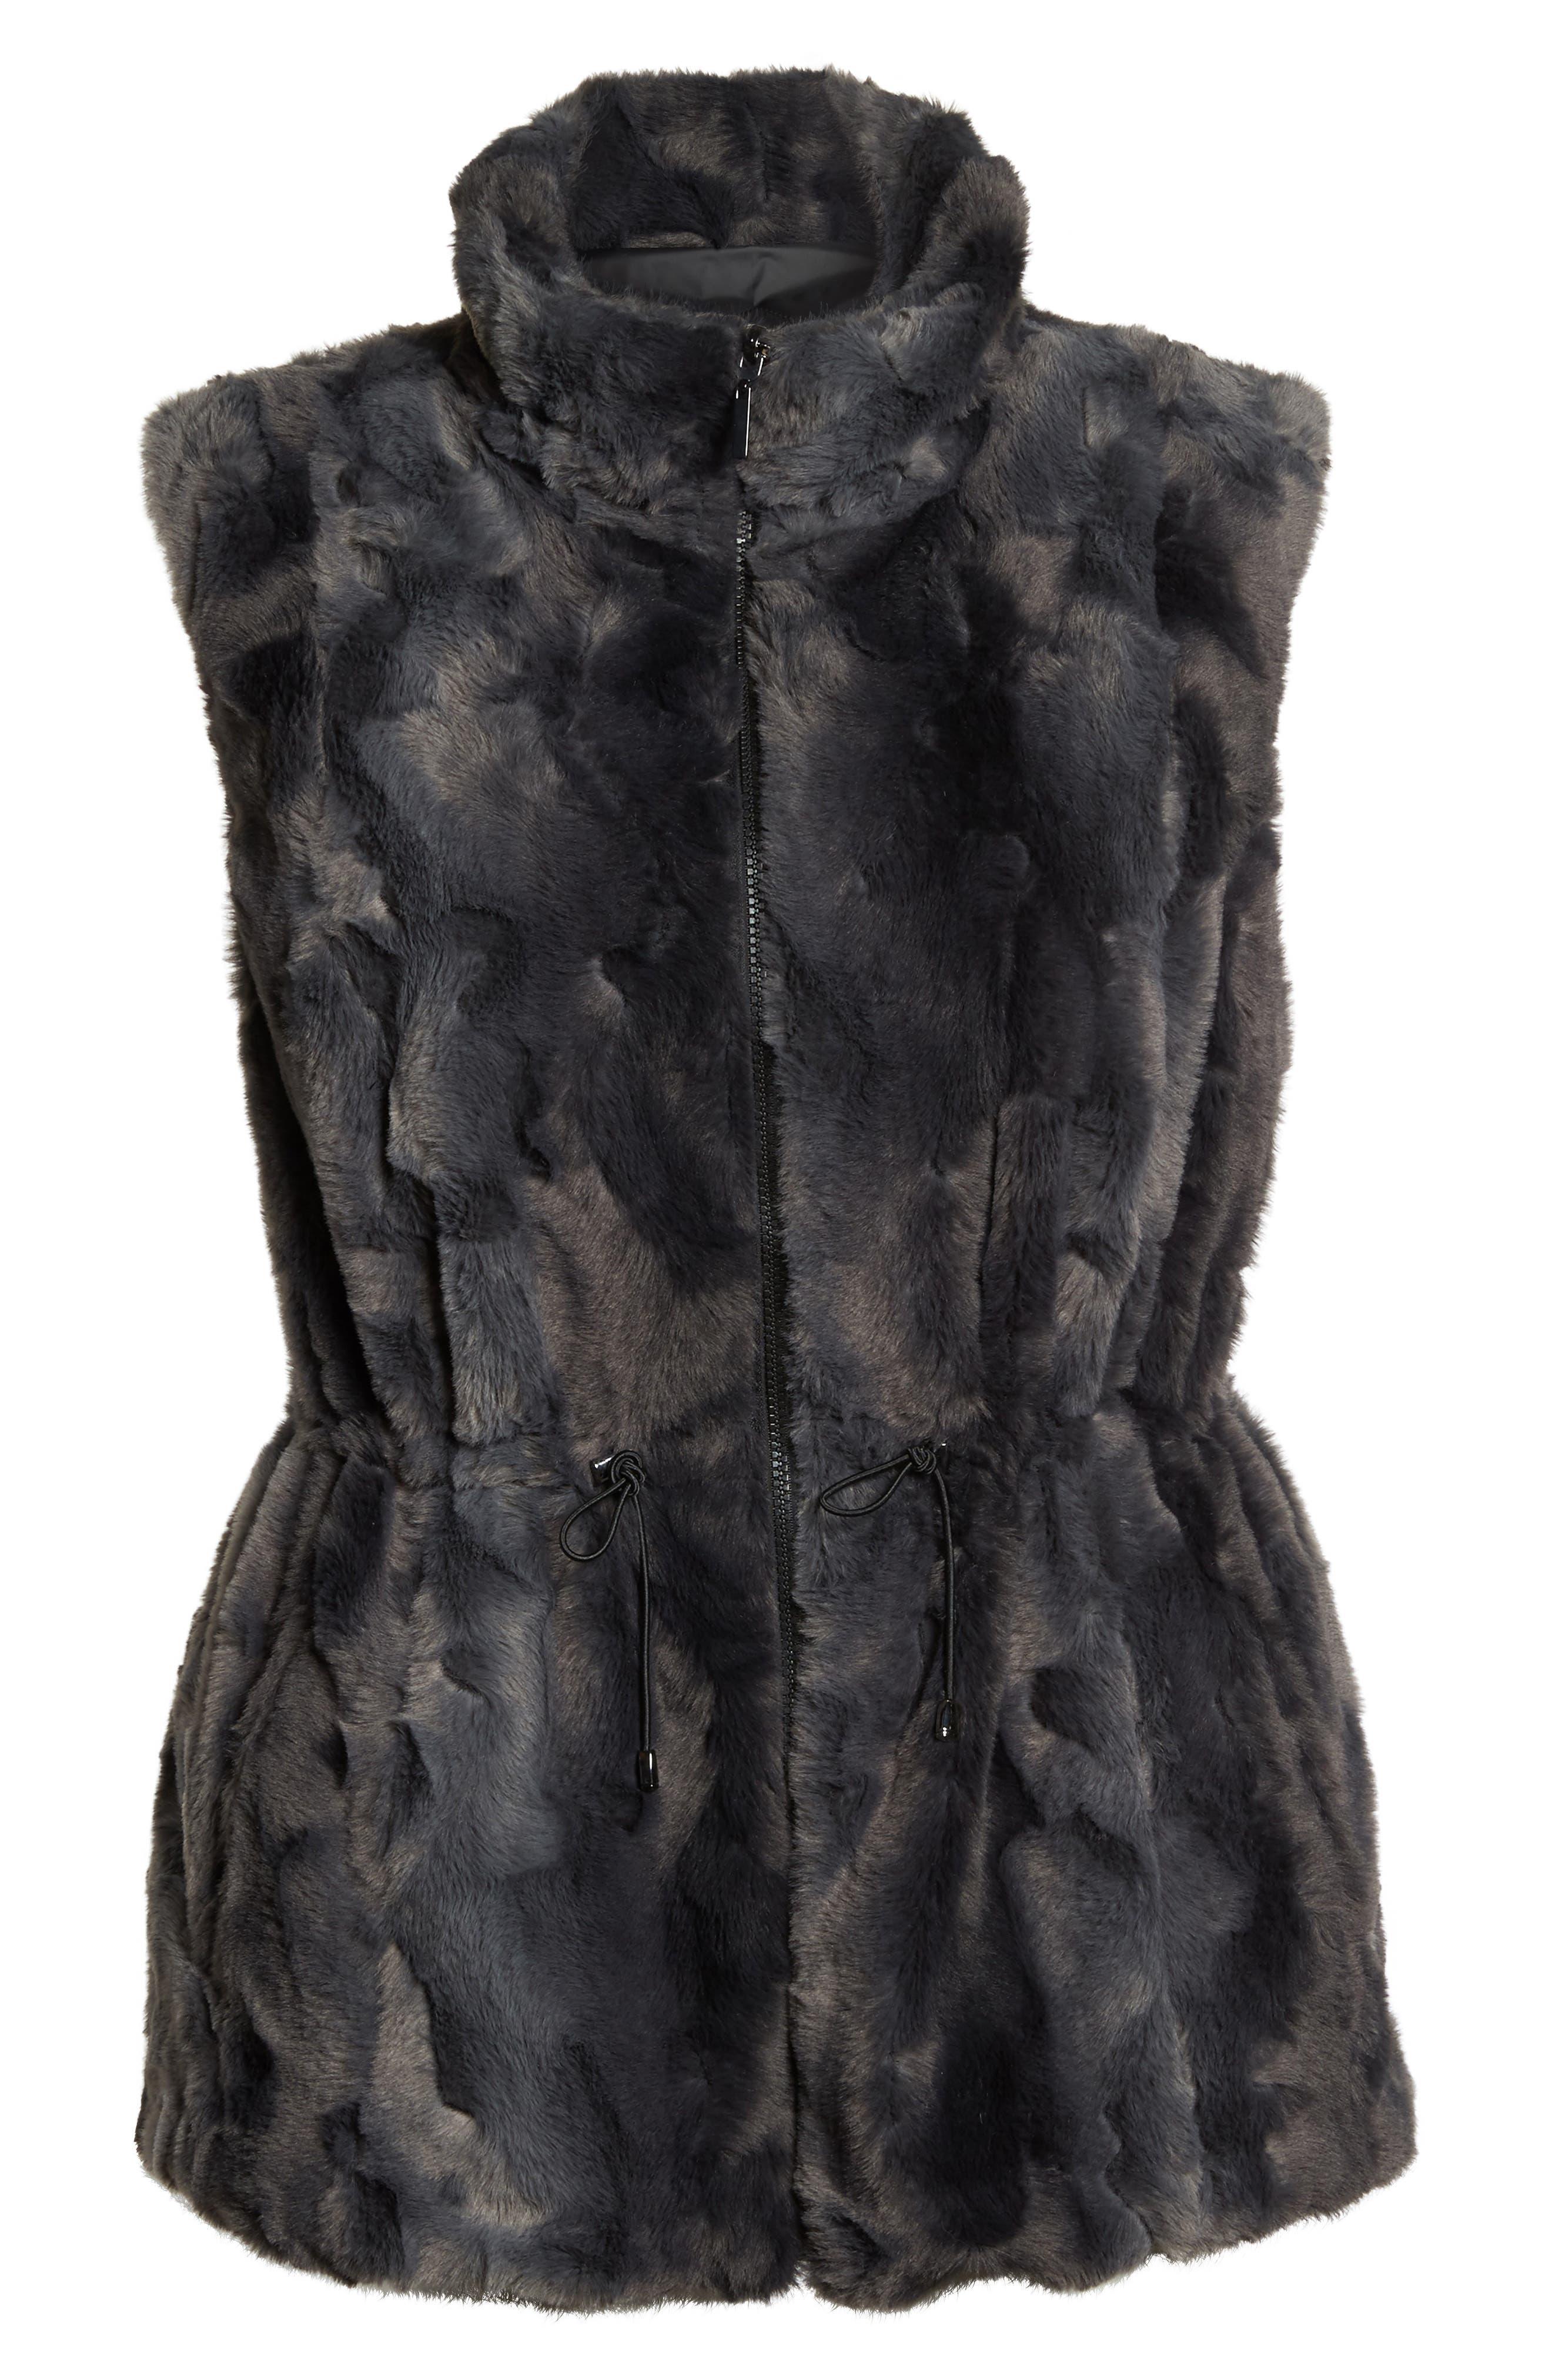 Reversible Faux Fur Vest,                             Alternate thumbnail 5, color,                             001